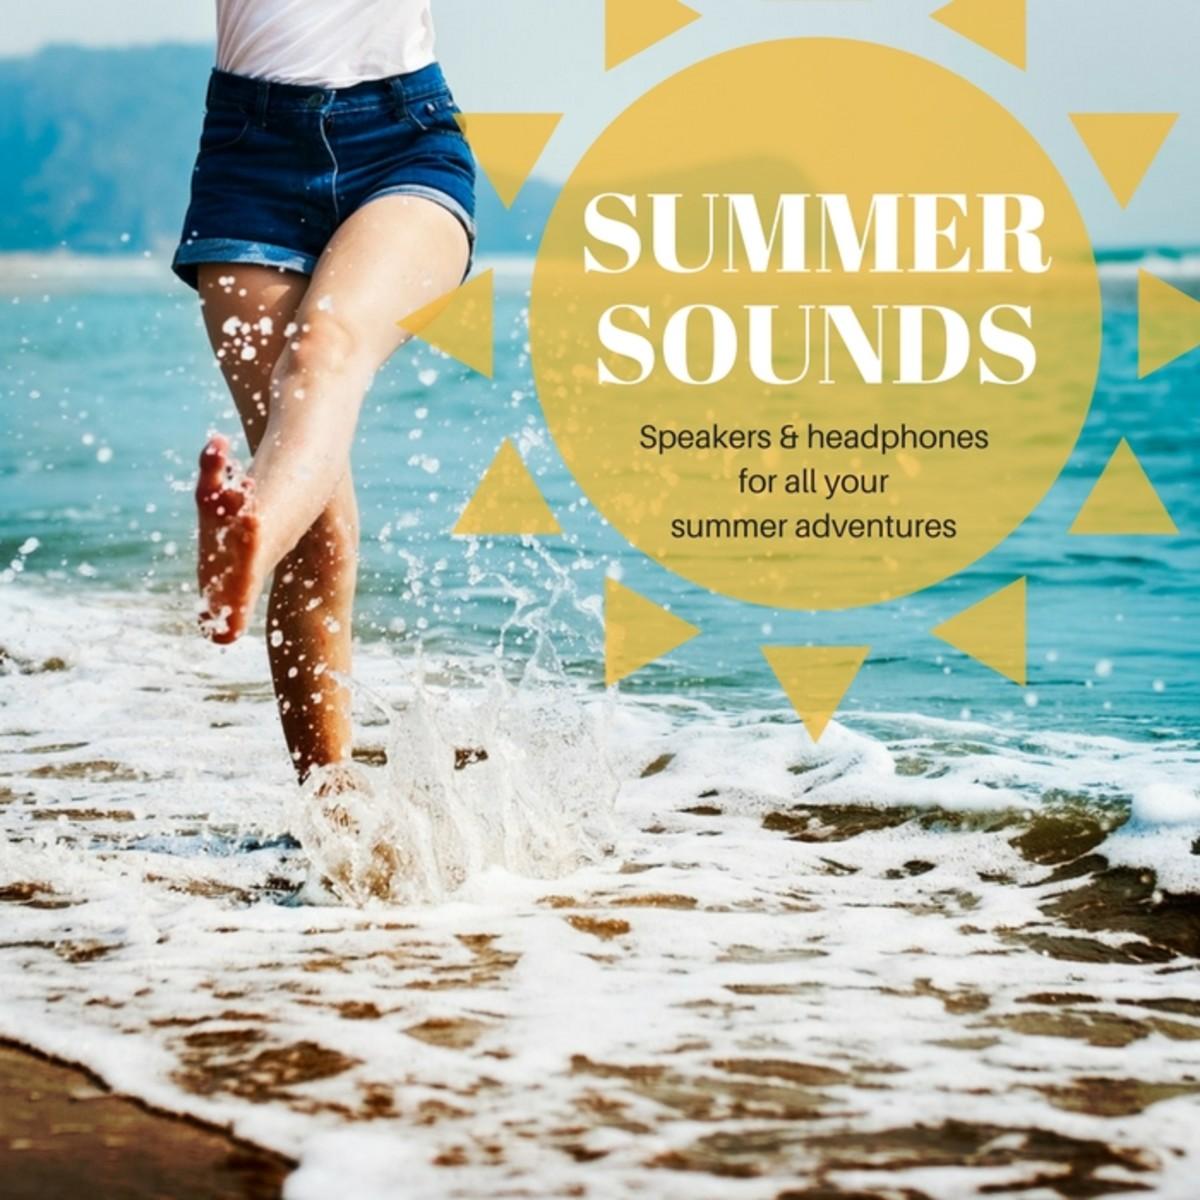 Best Headphones & Speakers For Summer Fun